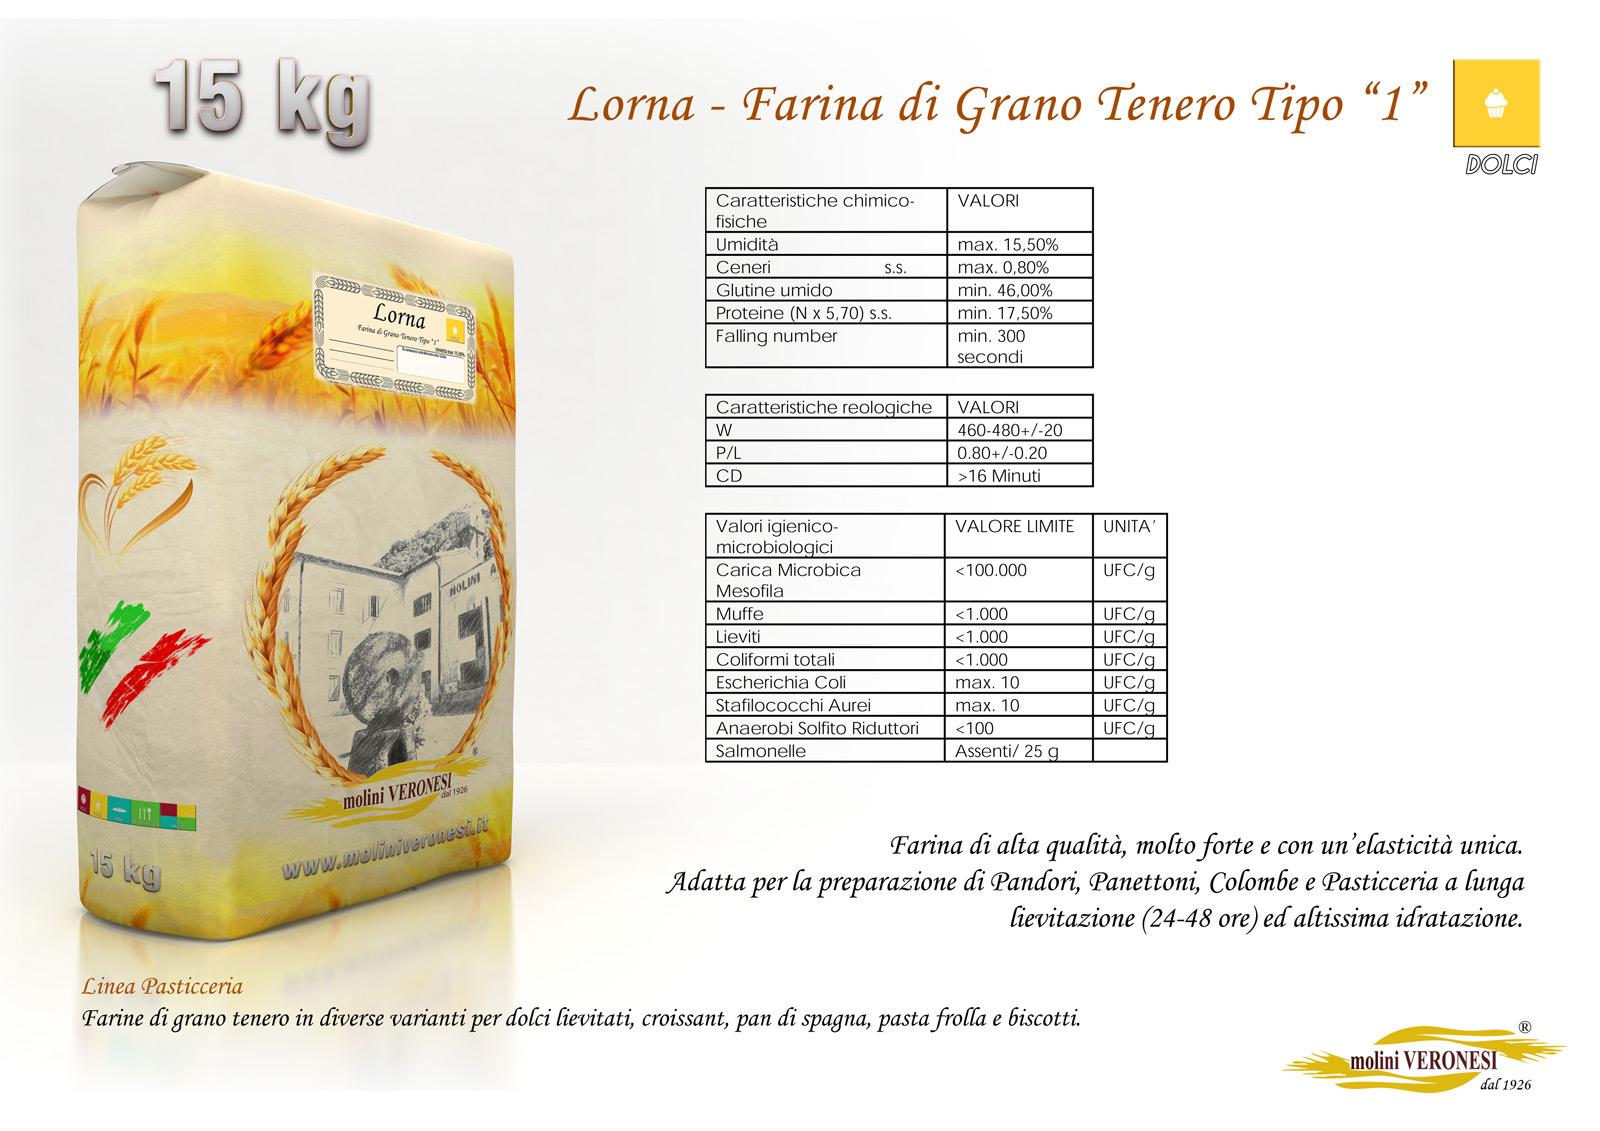 Lorna - Farina di Grano Tenero Tipo 0 M